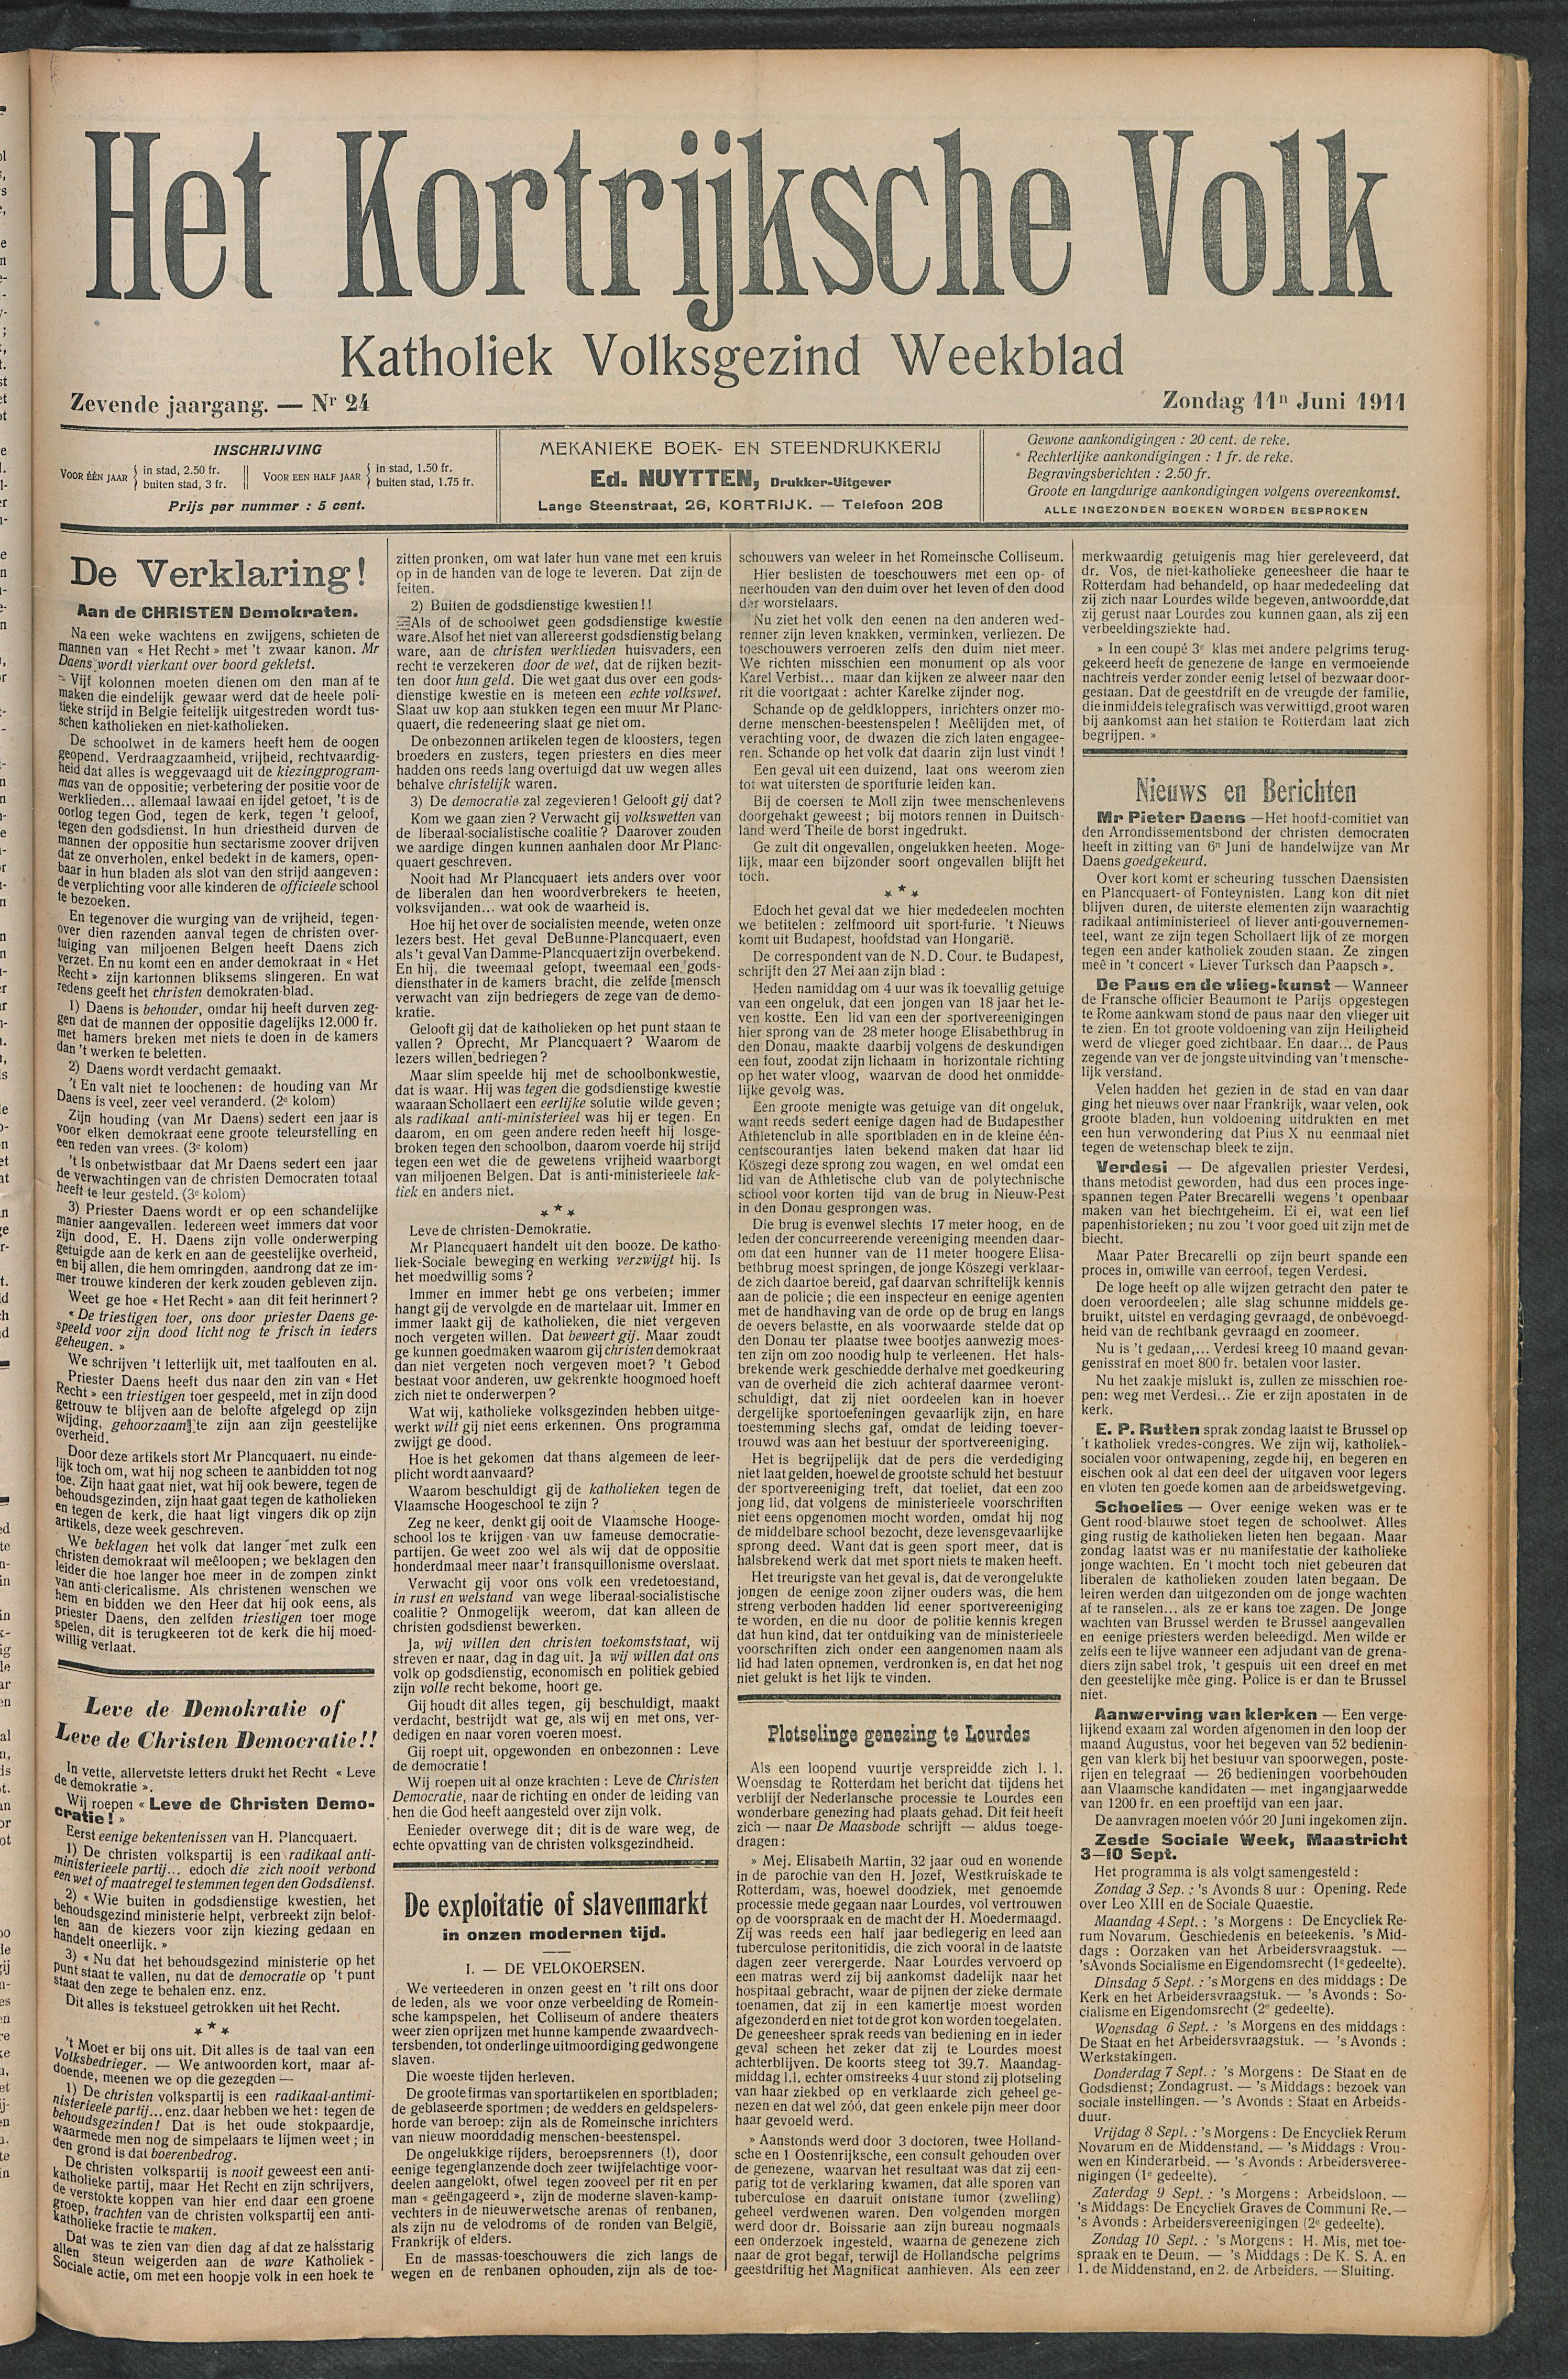 Het Kortrijksche Volk 1911-06-11 p1